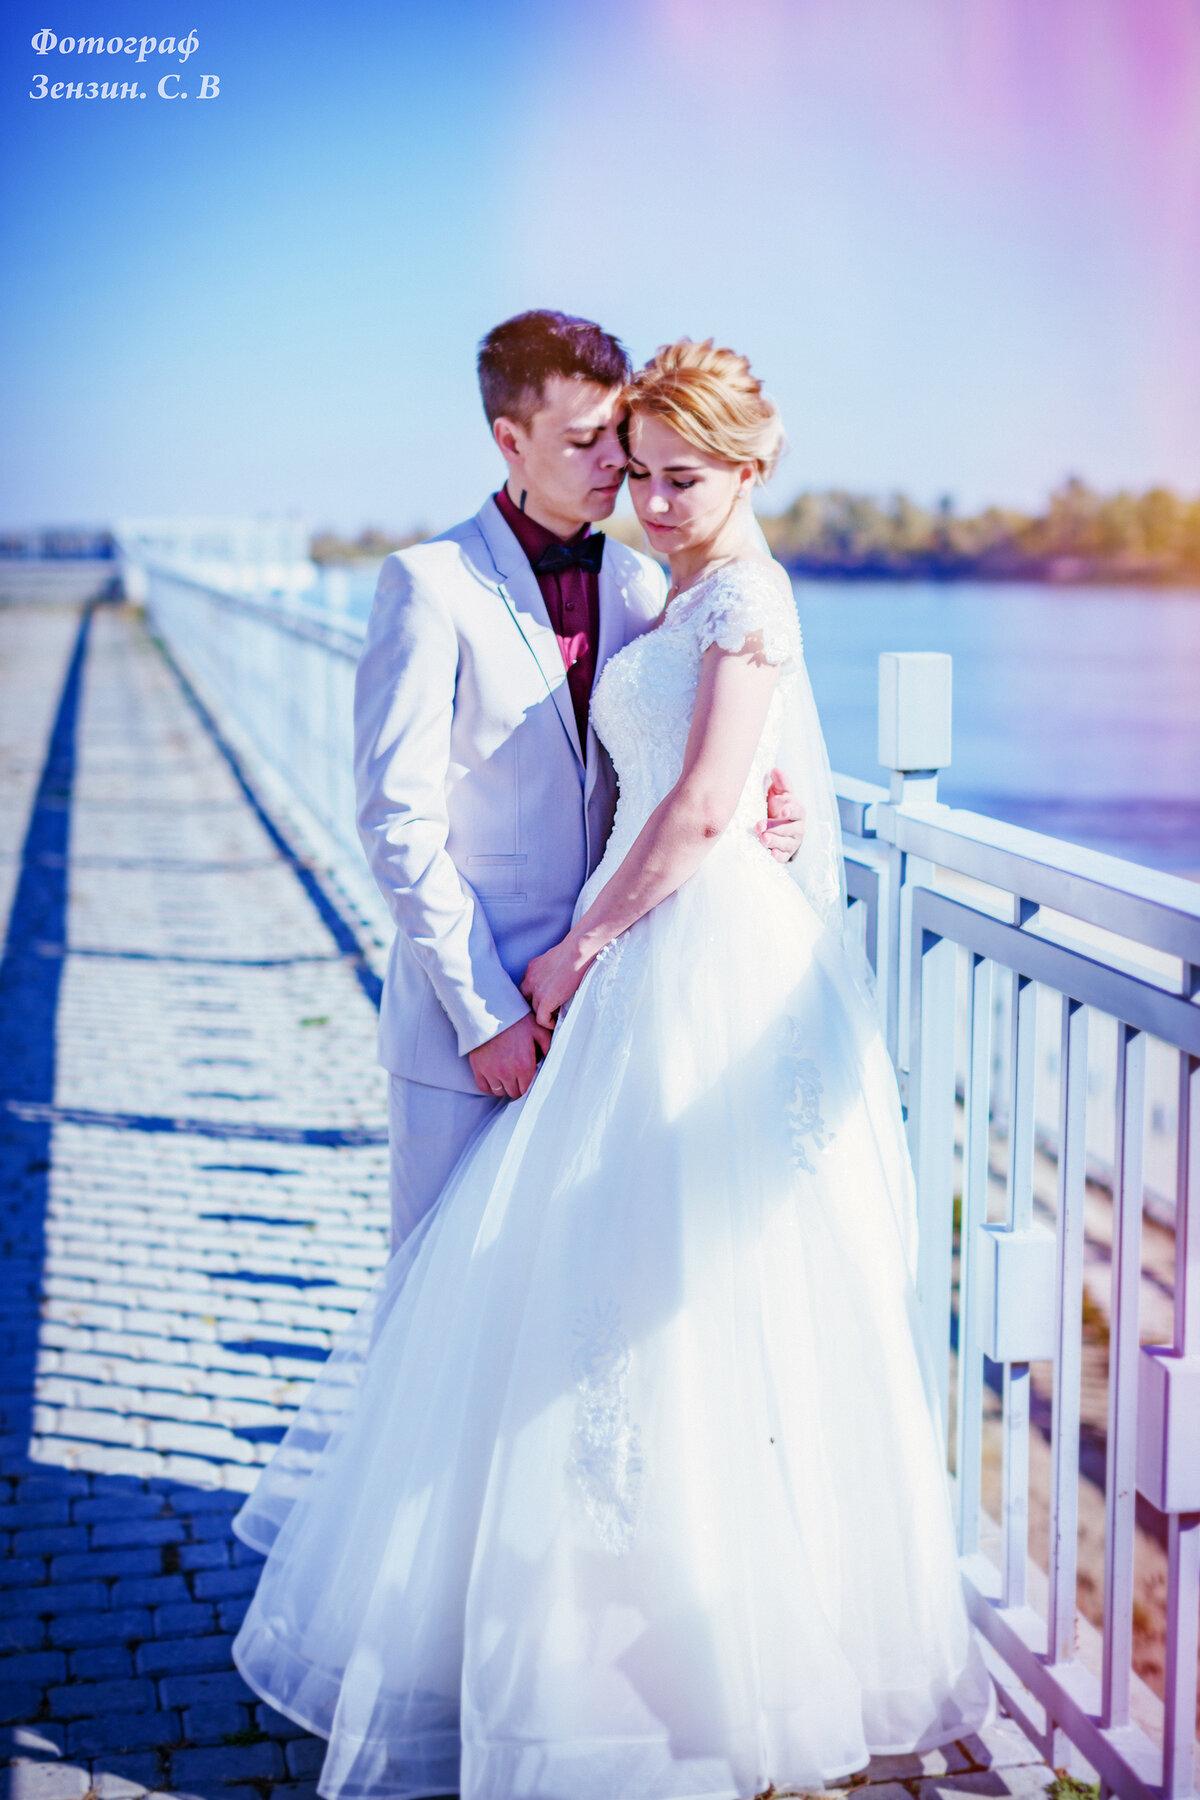 лучшие фотографы барнаула для свадьбы прекрасно